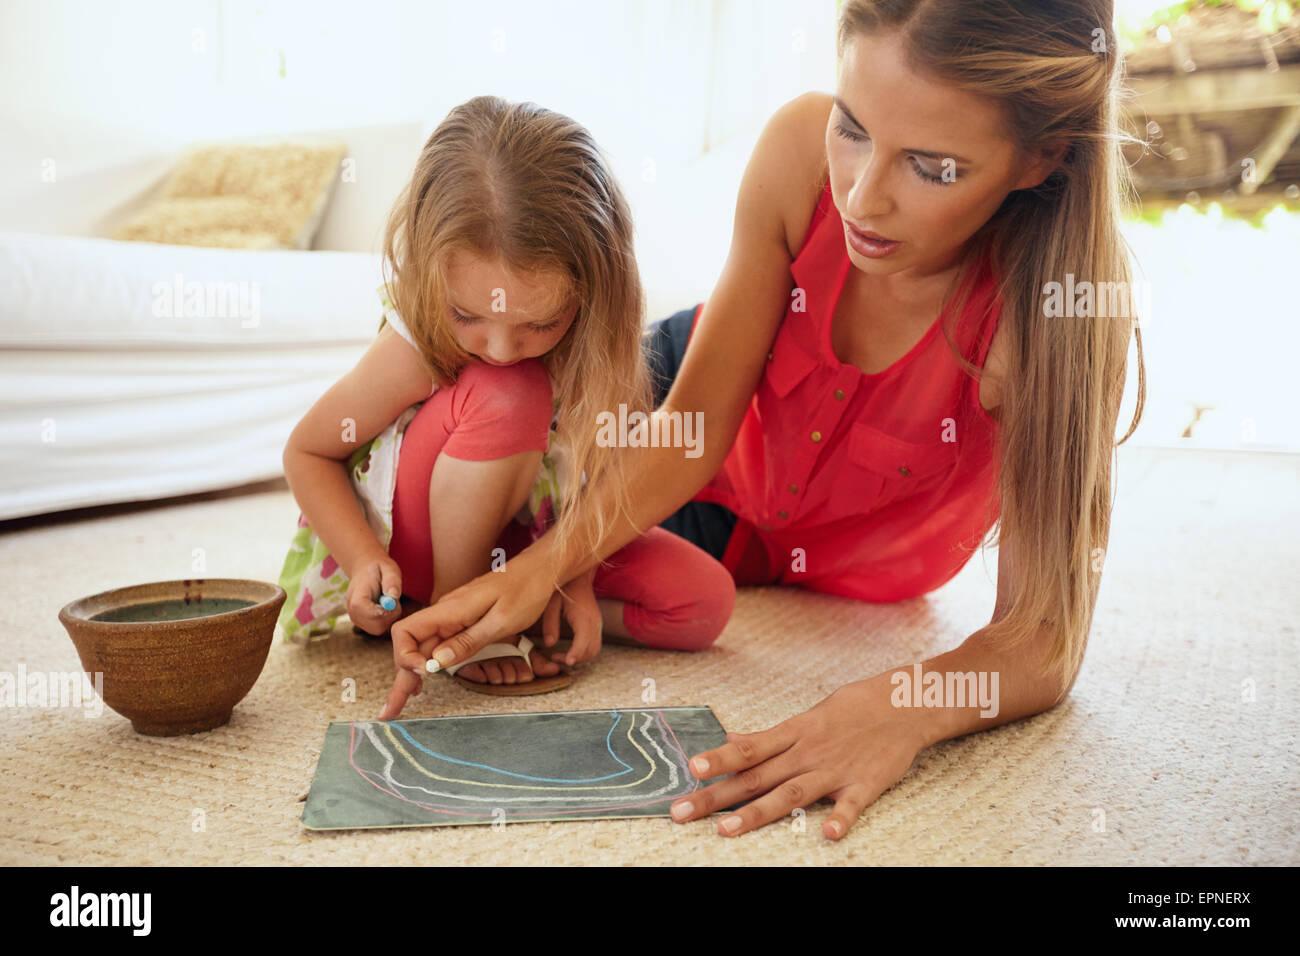 Ritratto di Madre e figlia piccola insieme il disegno di immagini a colori usando i gessi, sia la seduta sul pavimento Immagini Stock